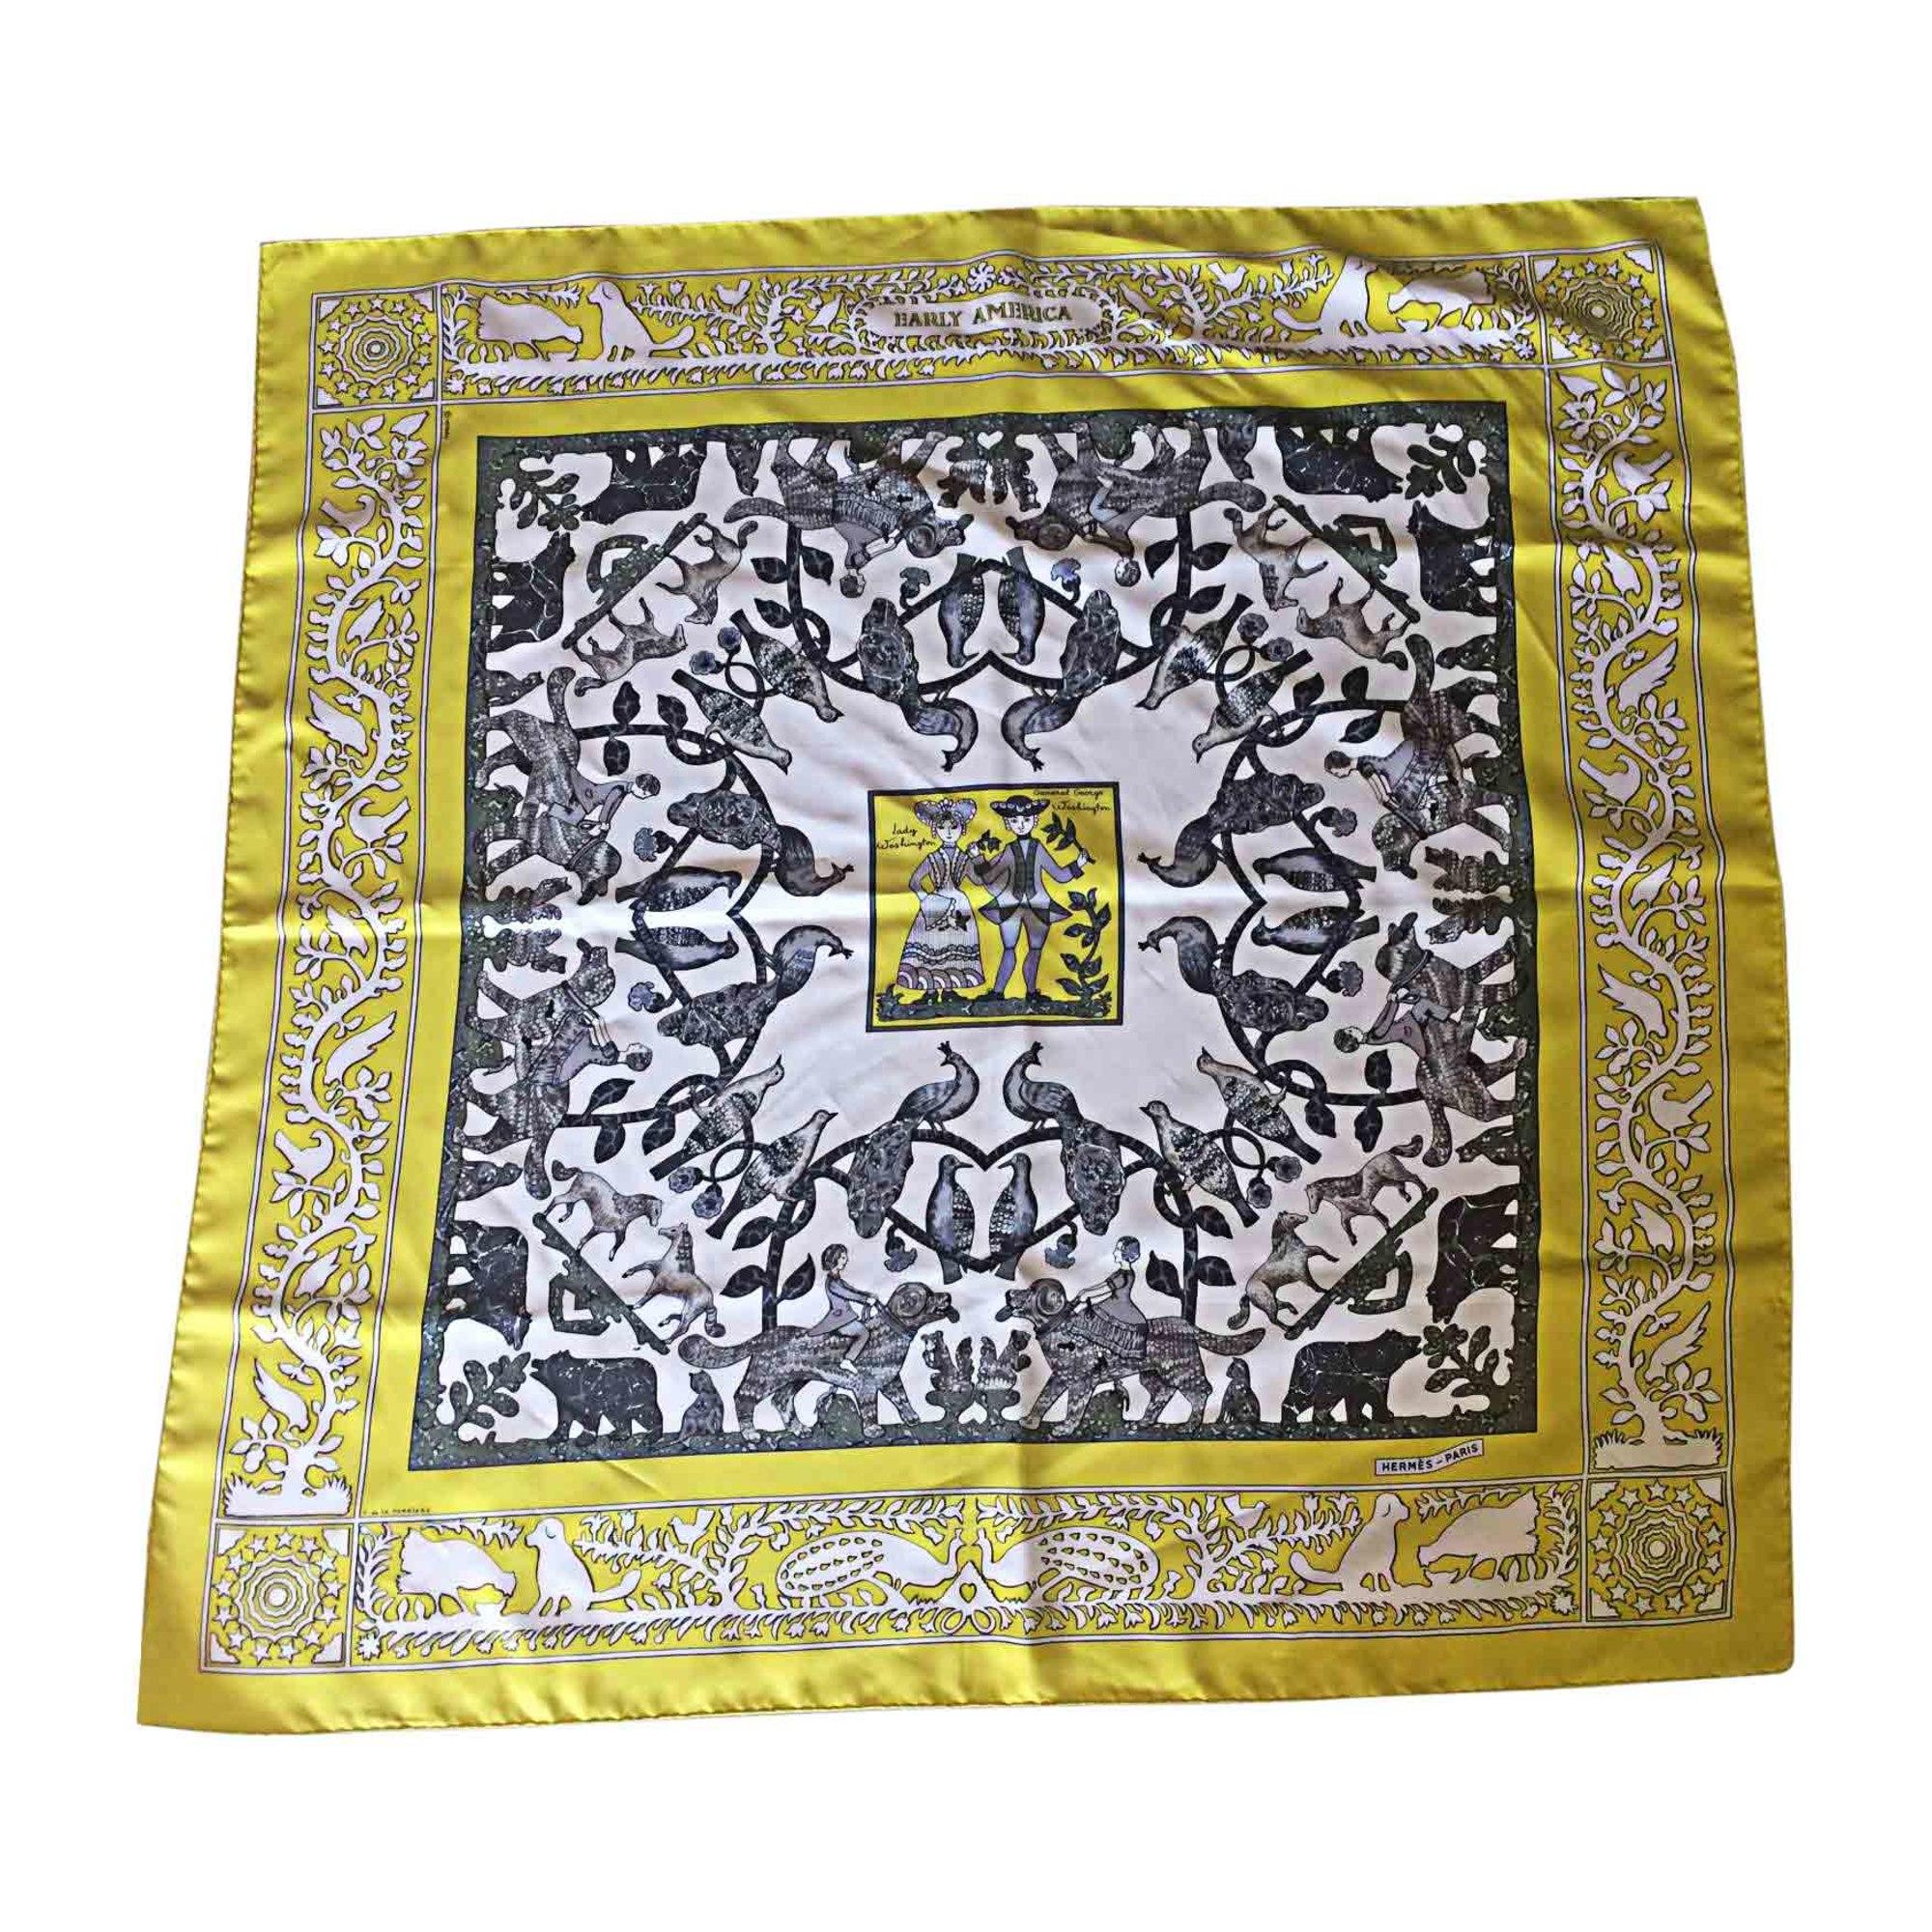 7fcfb0b6e1 Foulard HERMÈS imprimés animaliers vendu par Sophie 6351 - 6772058